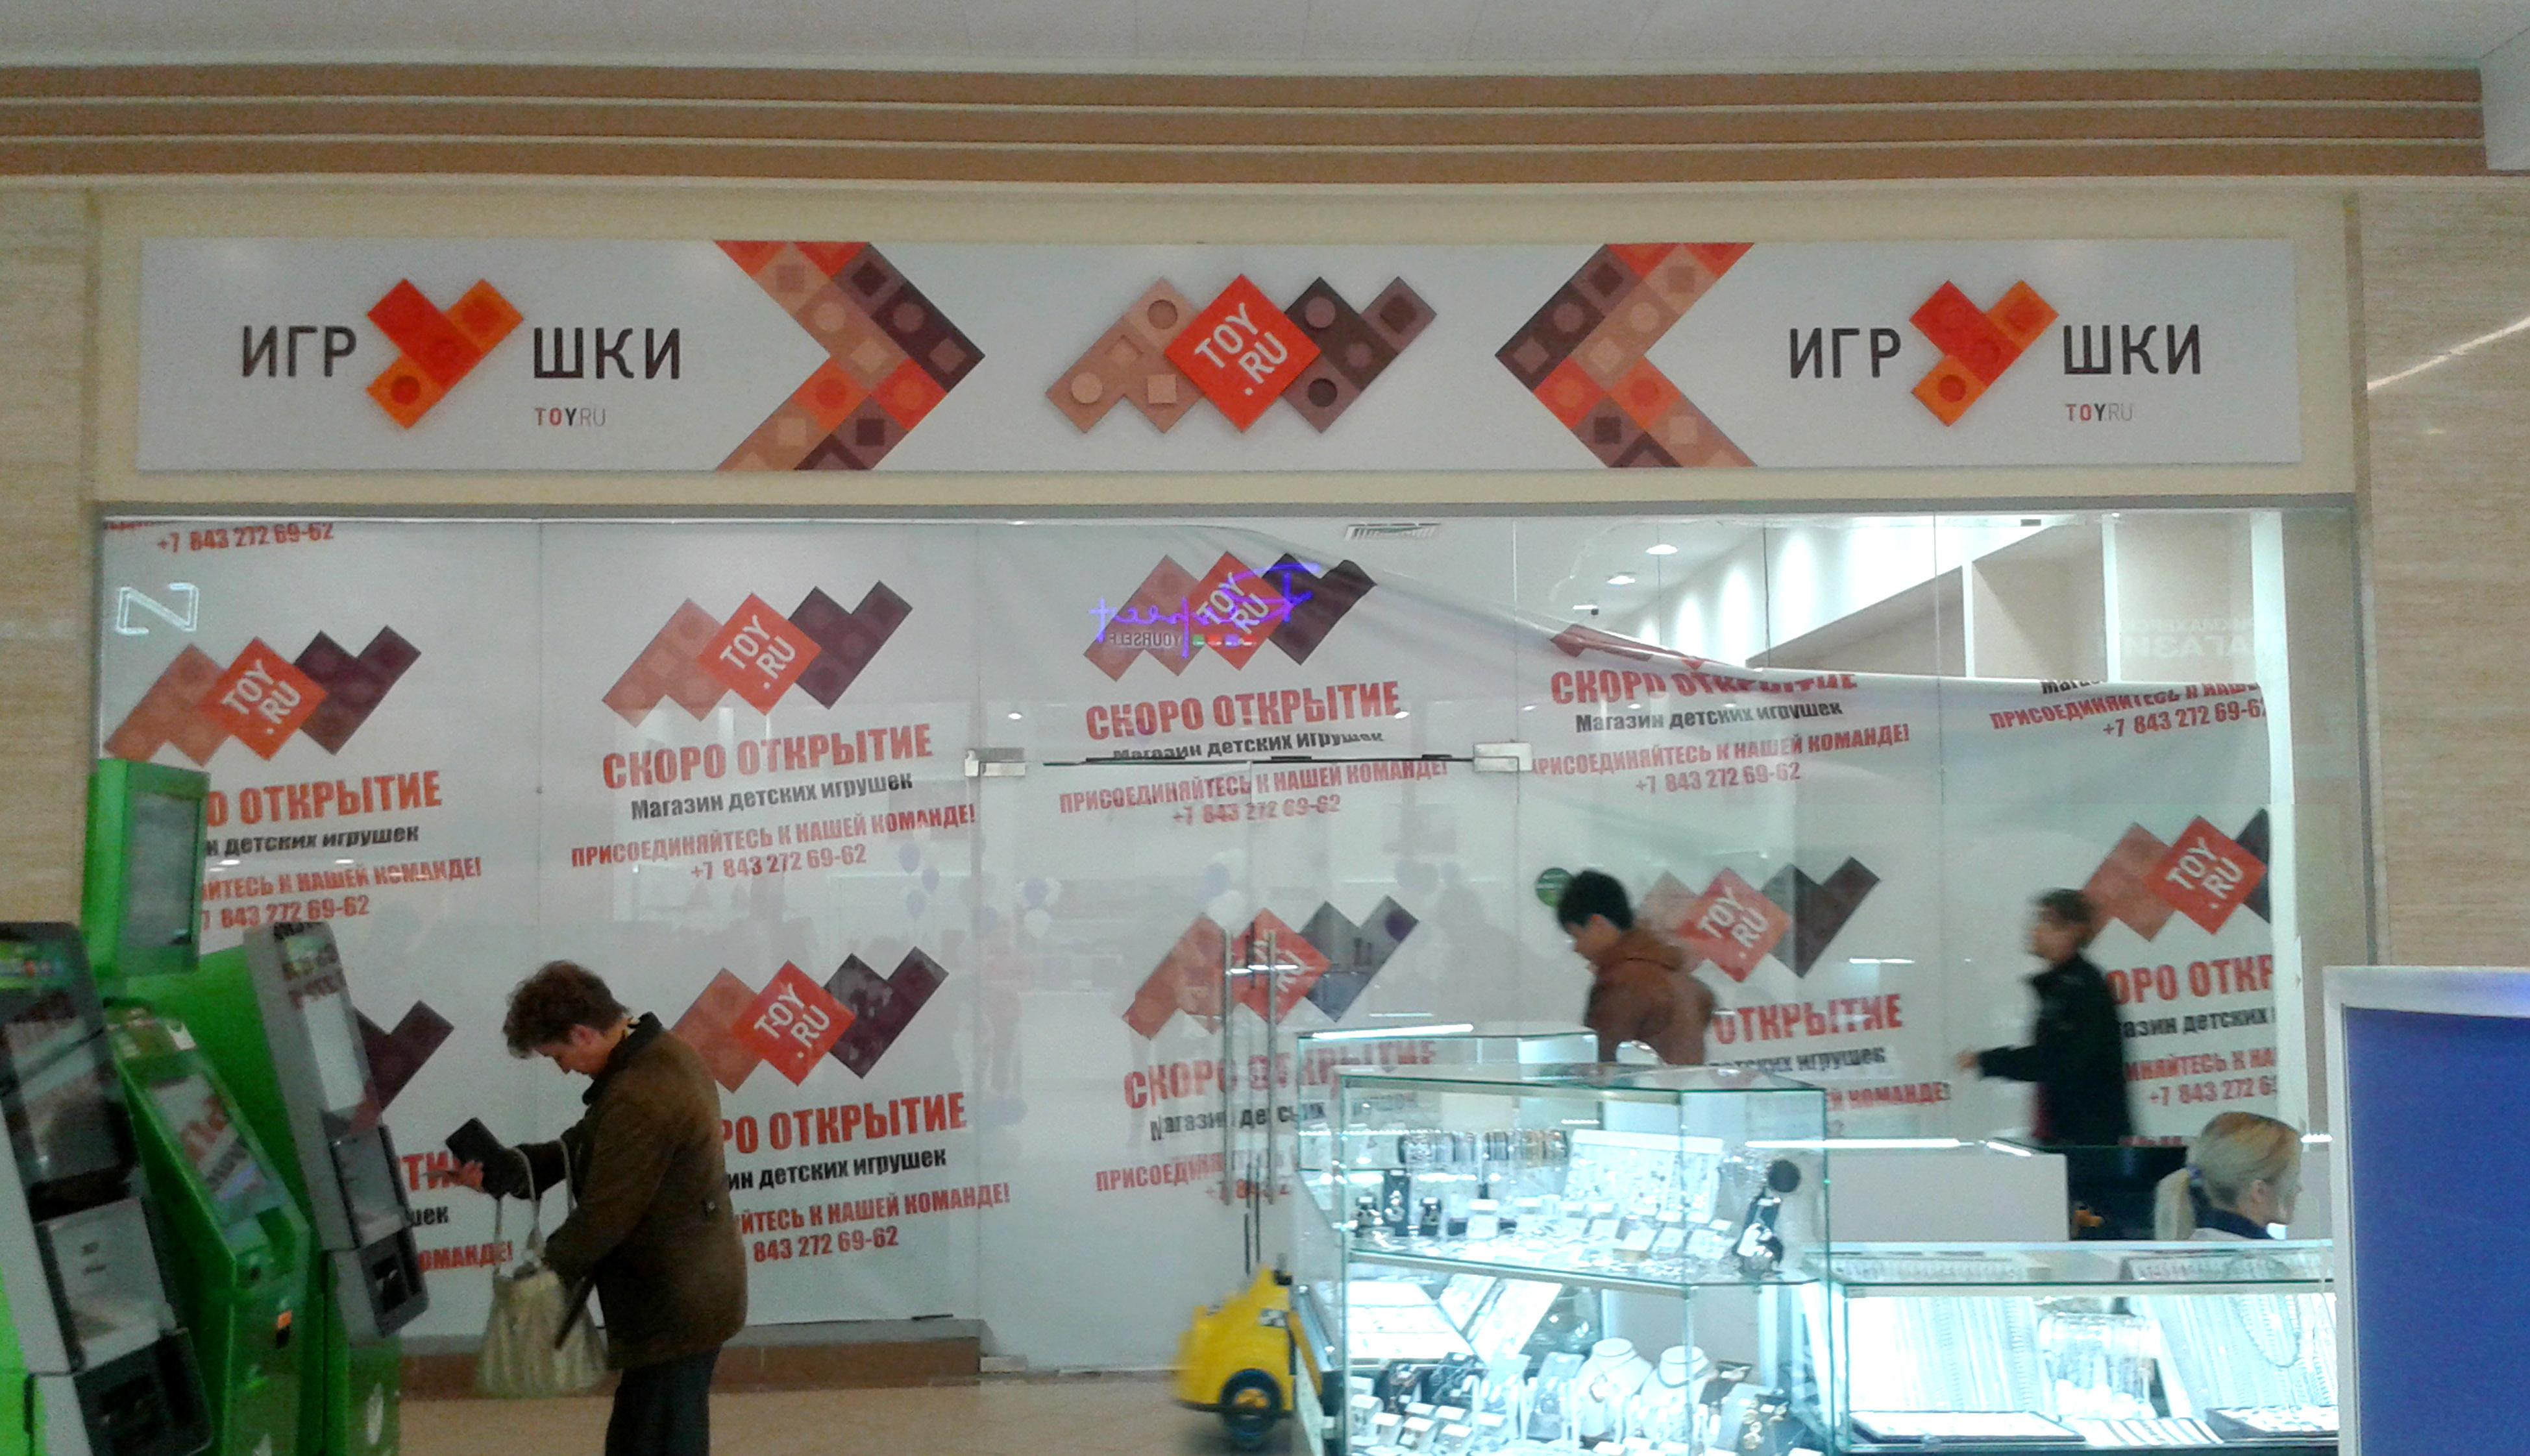 Новая вывеска для магазина игрушек Toy.ru